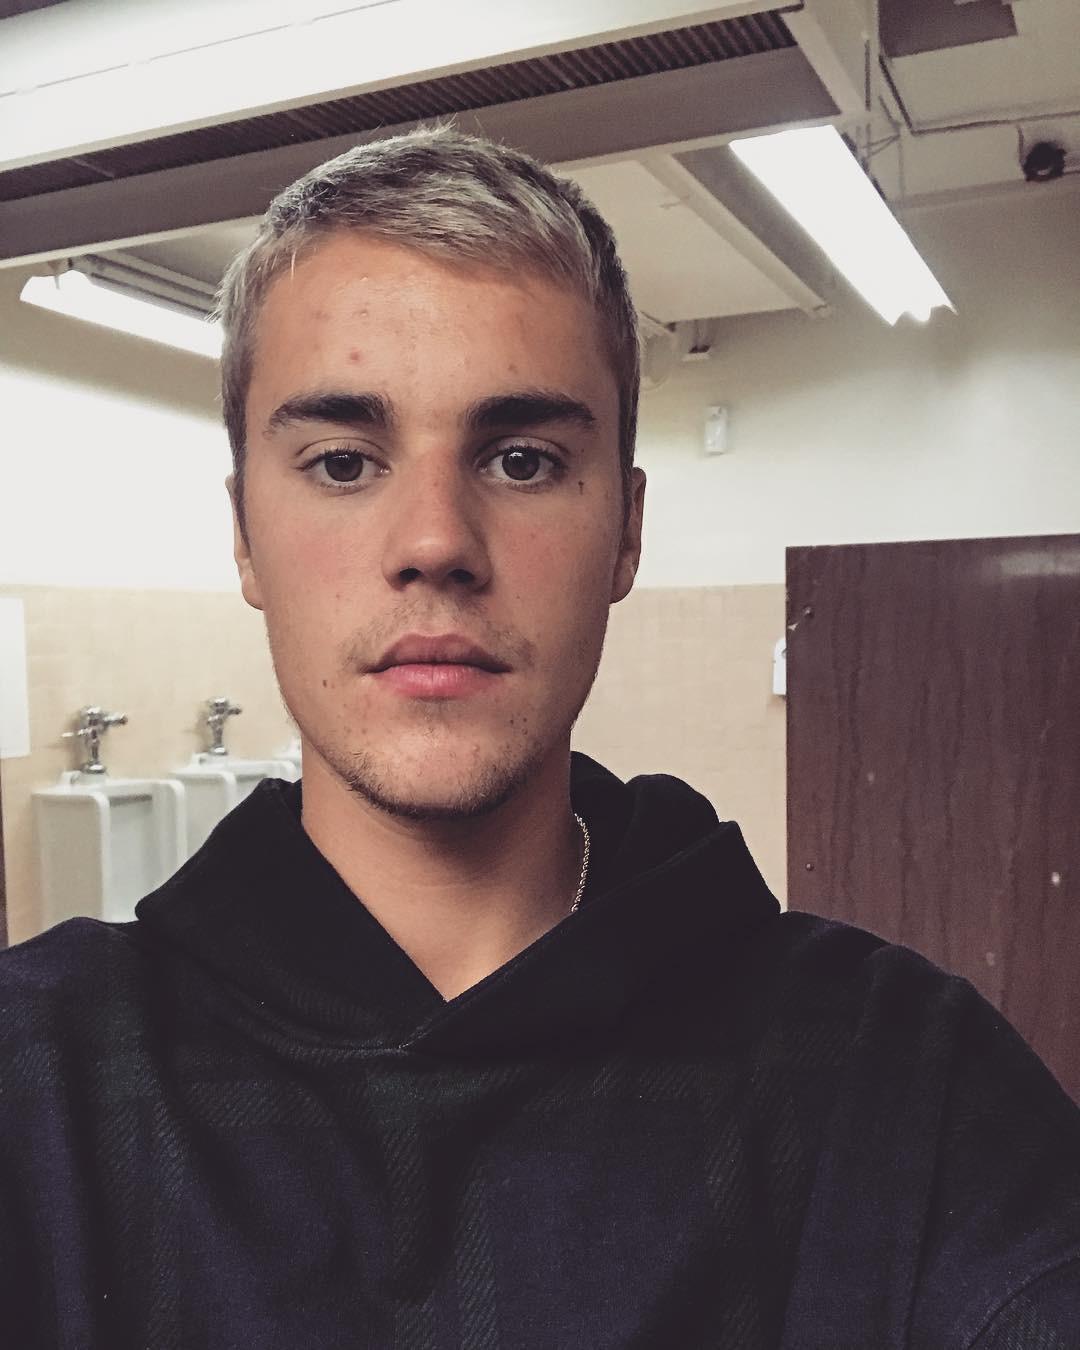 Justin Bieber fez desabado nas redes sociais (Foto: Instagram/Reprodução)